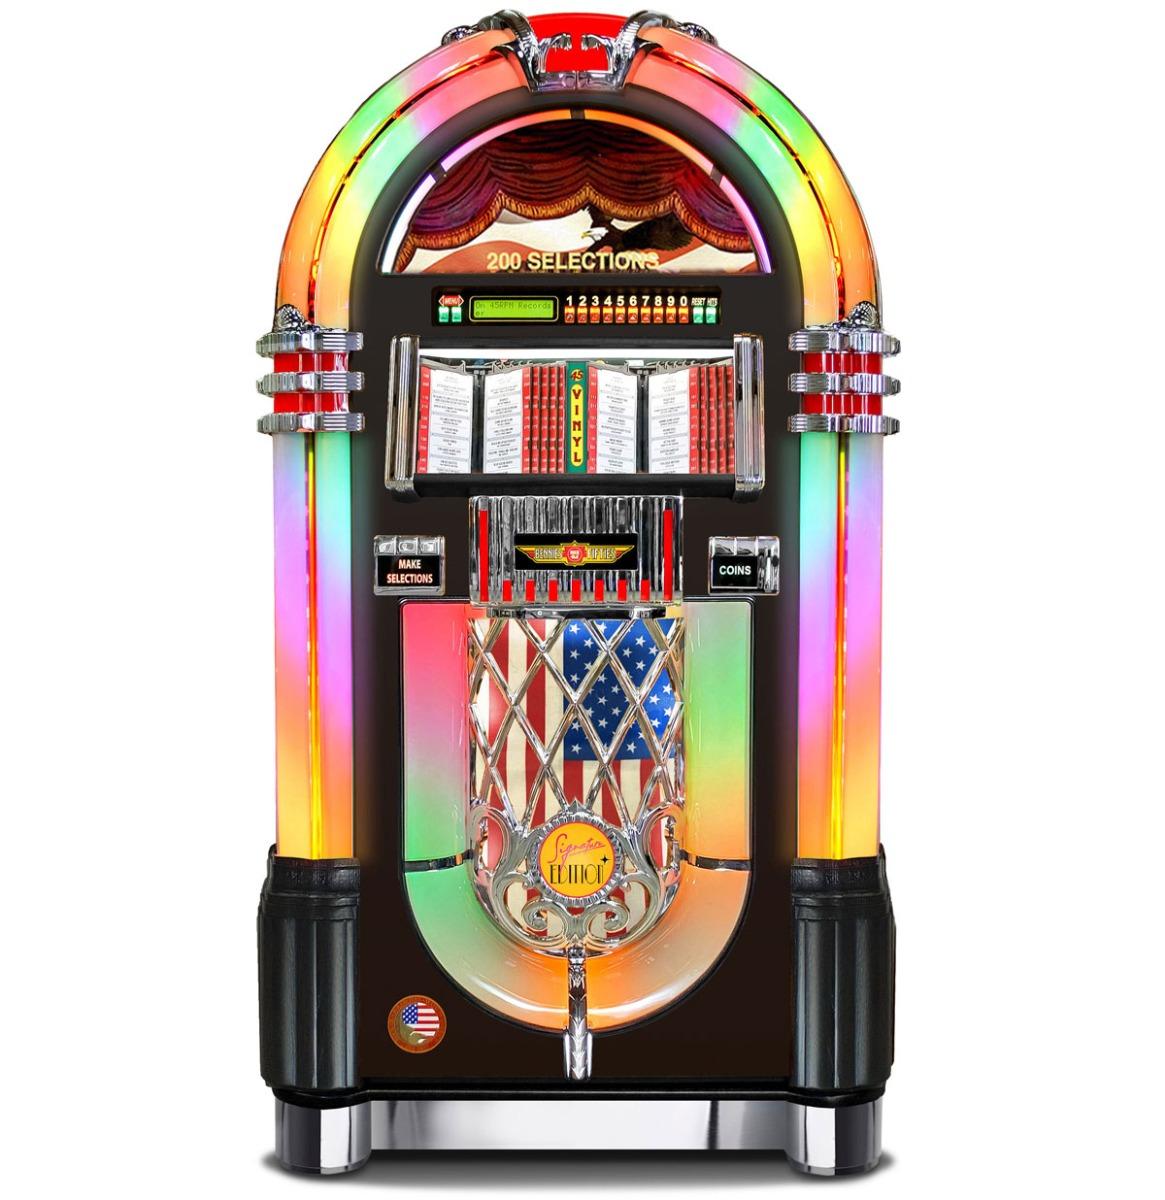 Rock-Ola Bubbler 200 Selecties 45 Toeren Vinyl Jukebox Zwart - Bennies Fifties Signature Editie UPGR